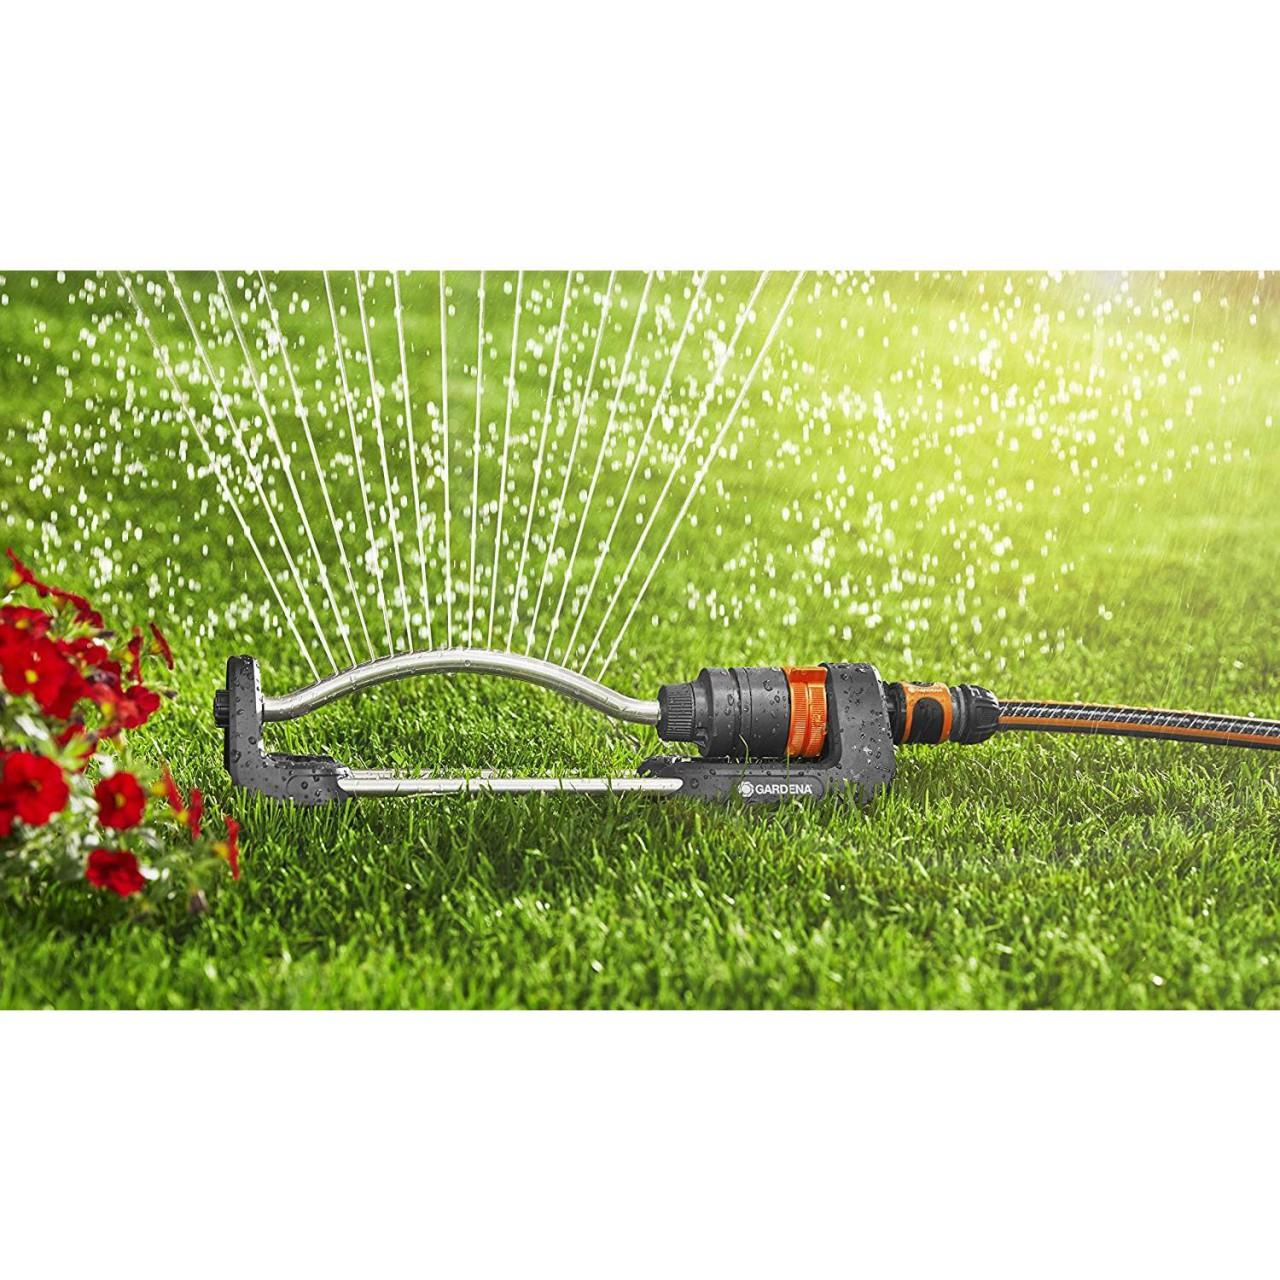 Gardena Comfort Kreisregner Mambo 2062-20 310m² Sprühregner Rasensprenger Garten